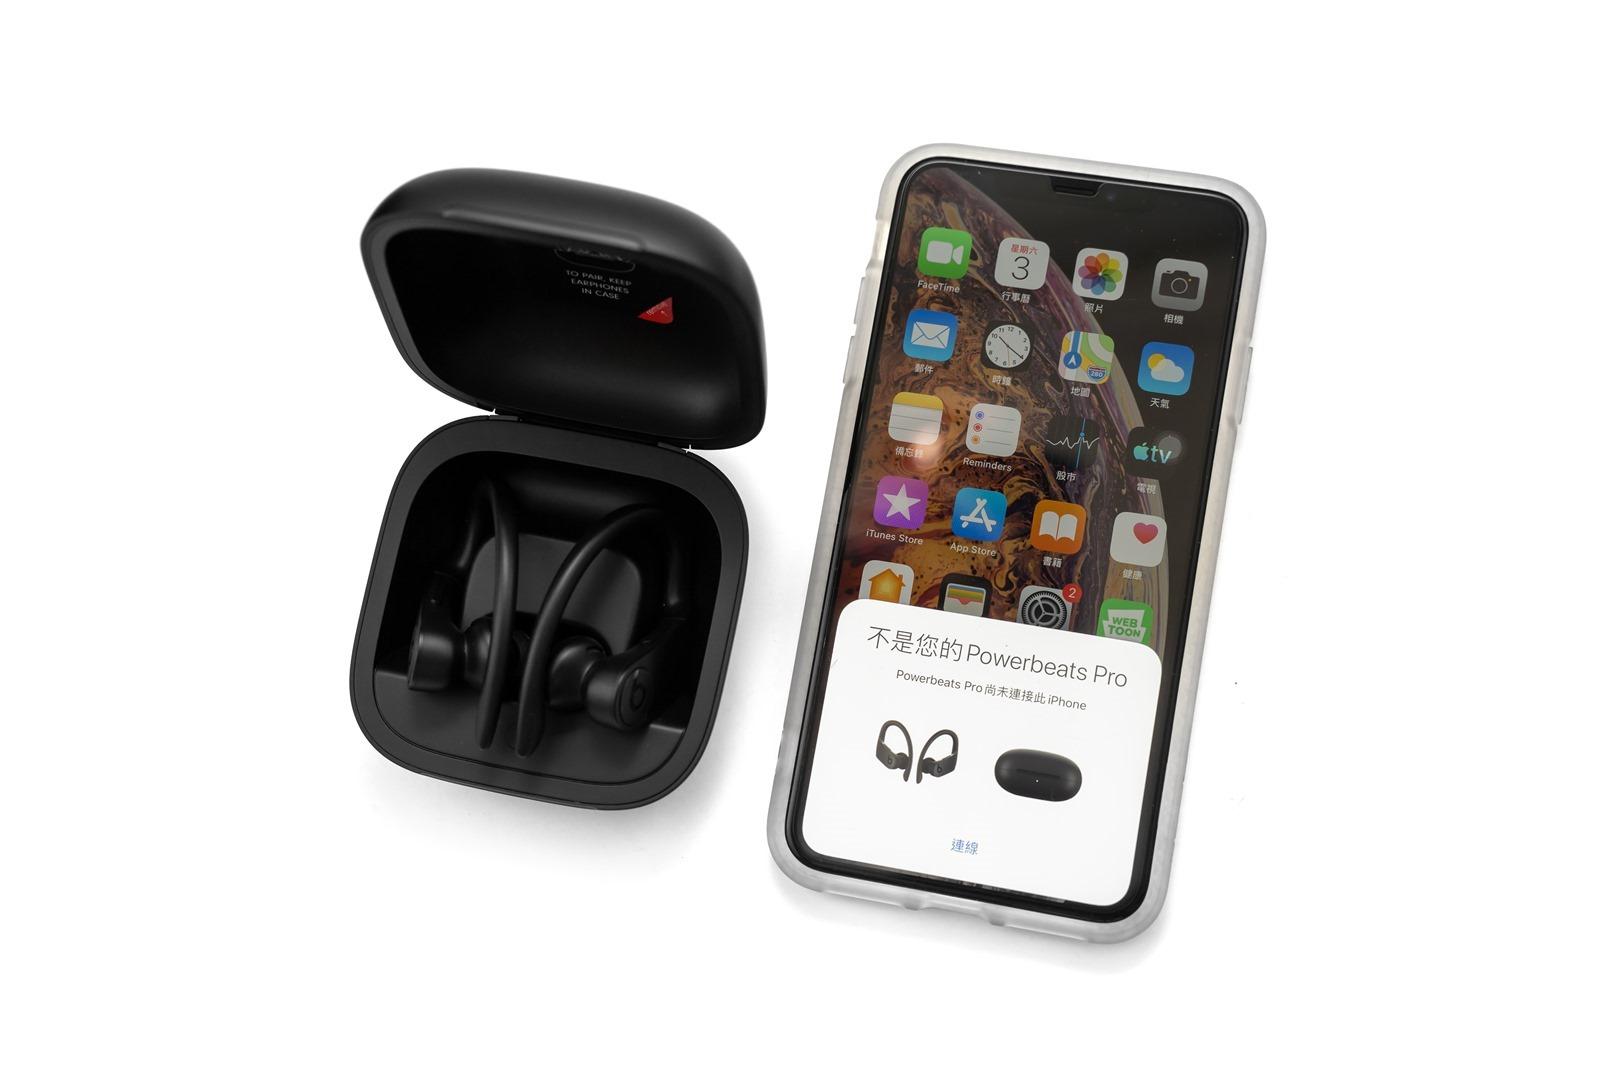 運動版 AirPod 嗎? Powerbeats Pro 最潮的蘋果親兒子真無線耳機開箱動手玩 @3C 達人廖阿輝